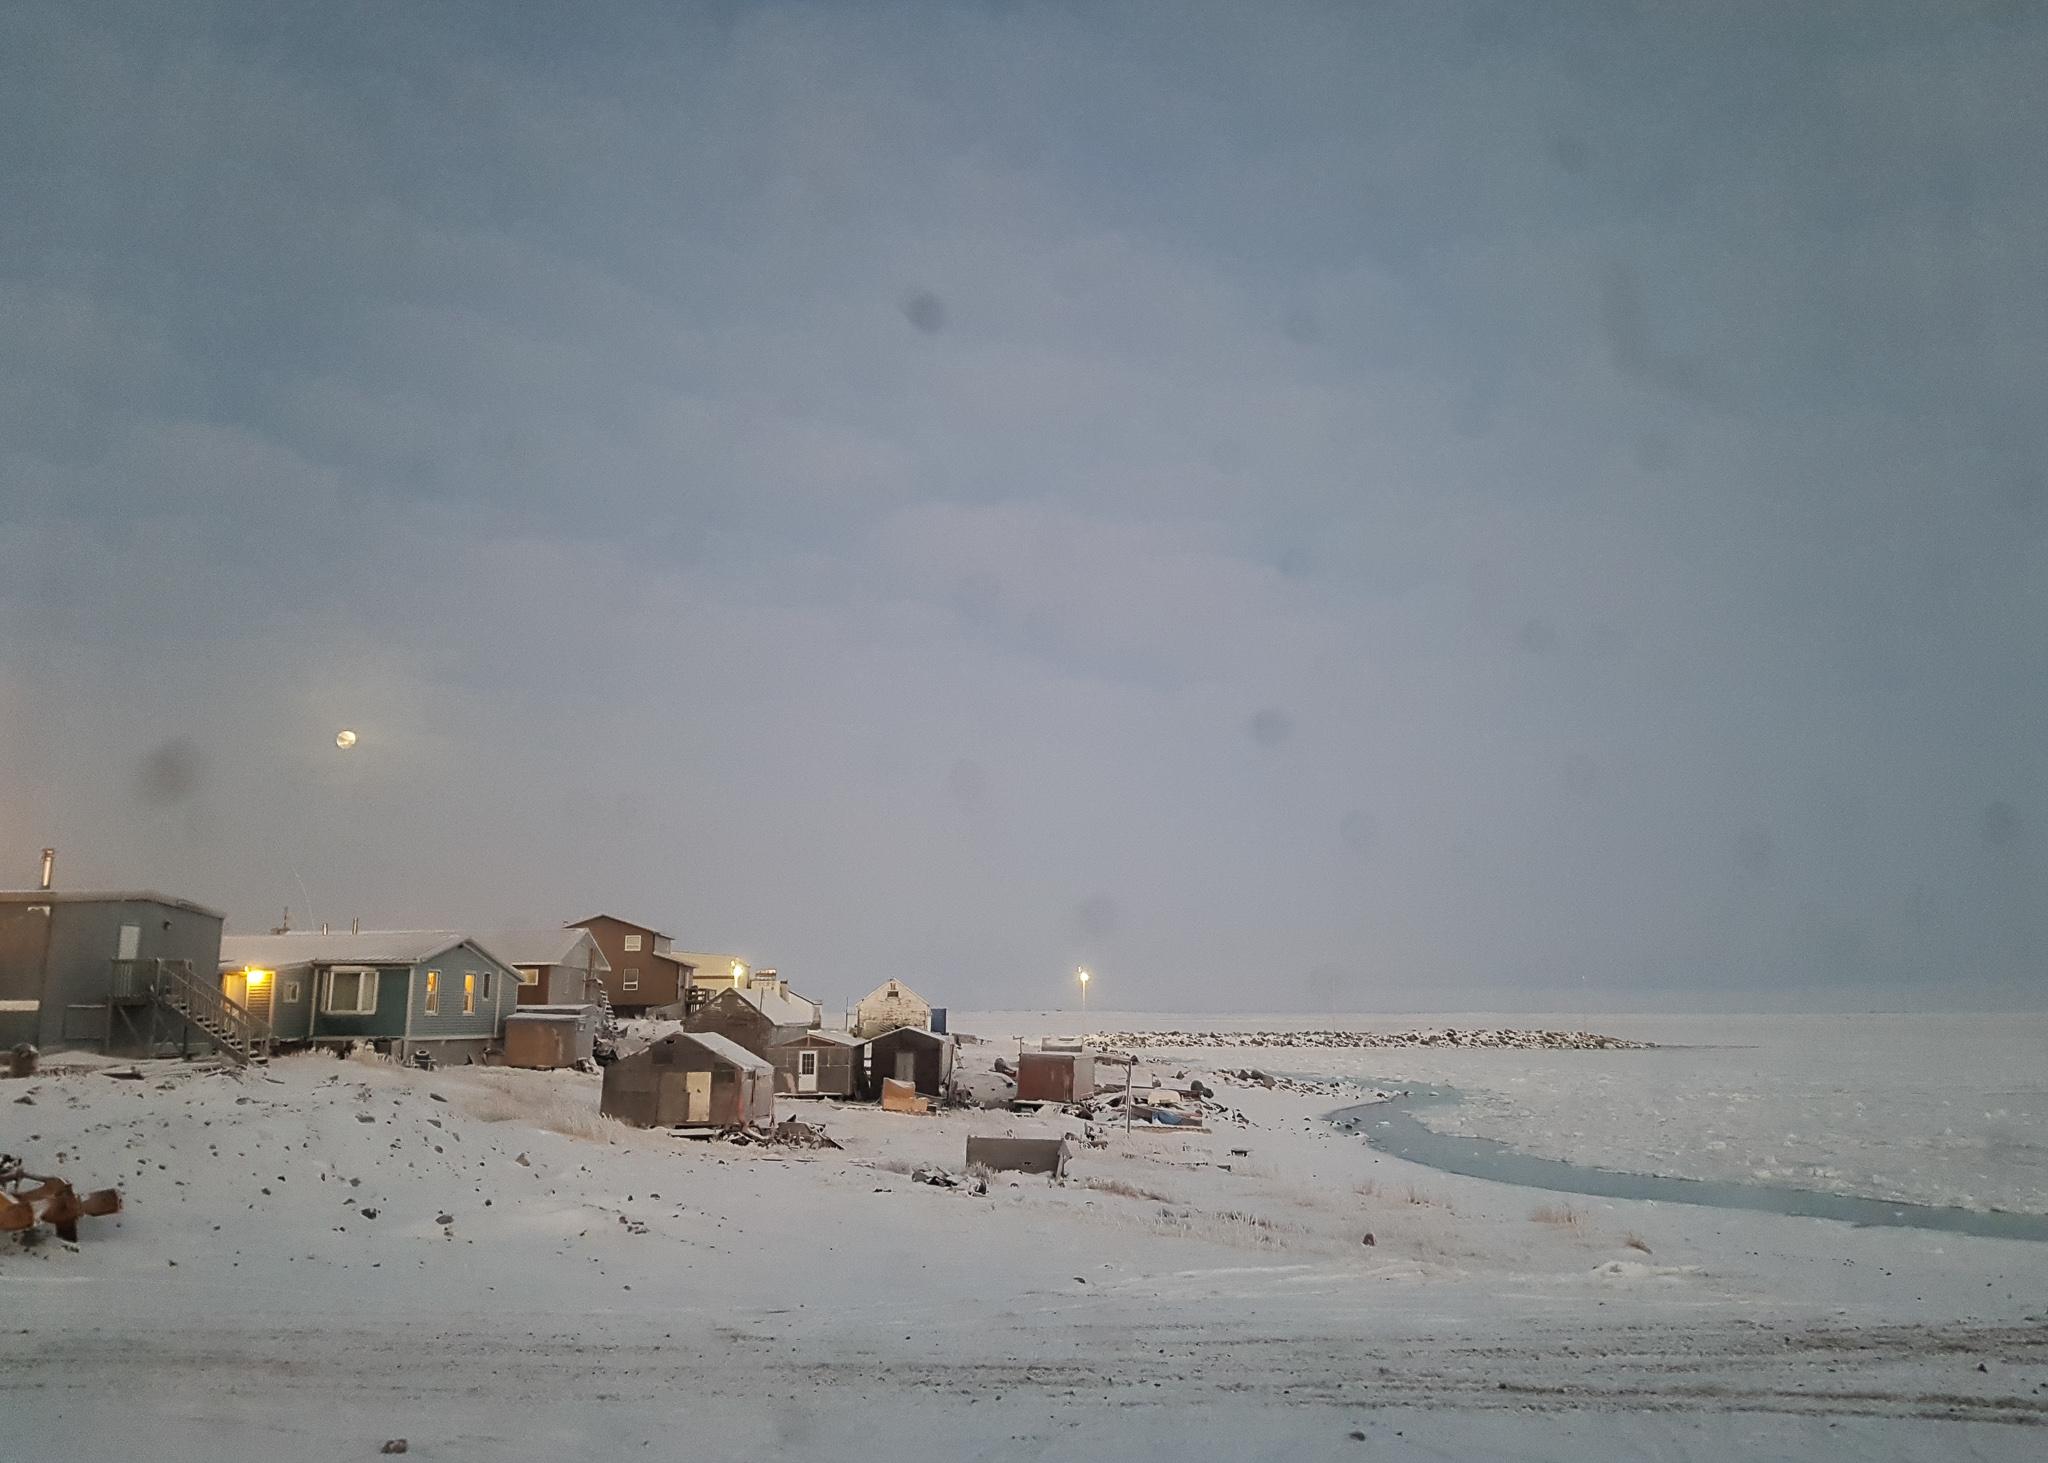 houses among the snow